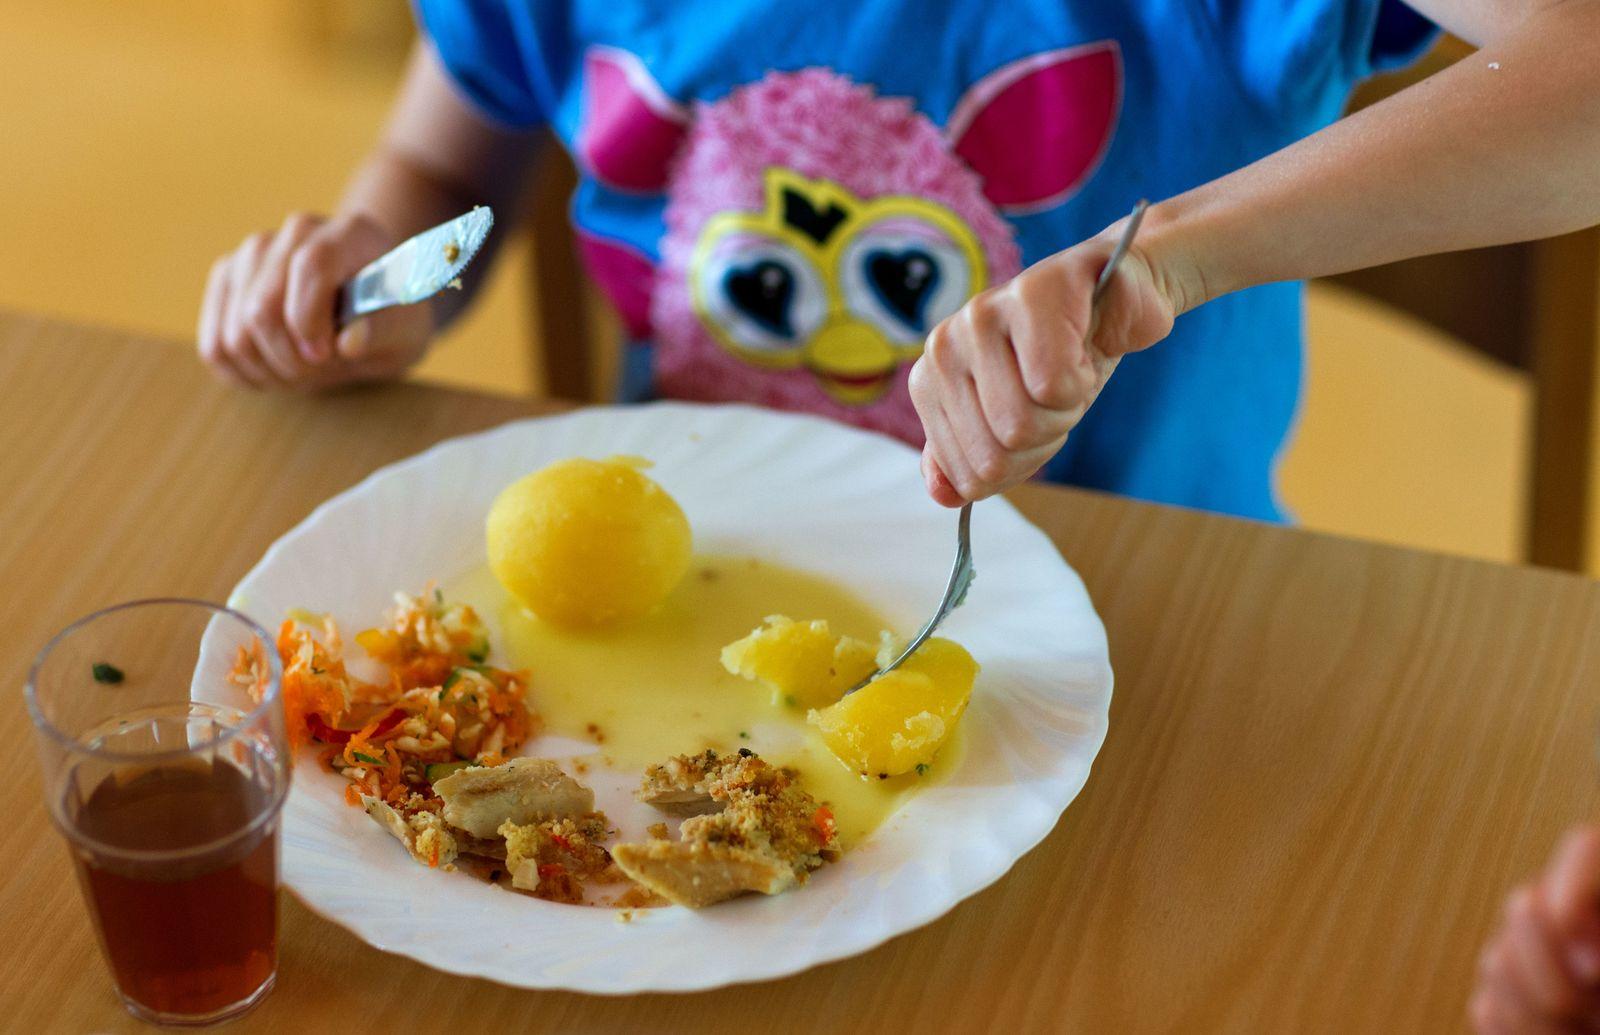 Essen in der Kindertagesst??tte